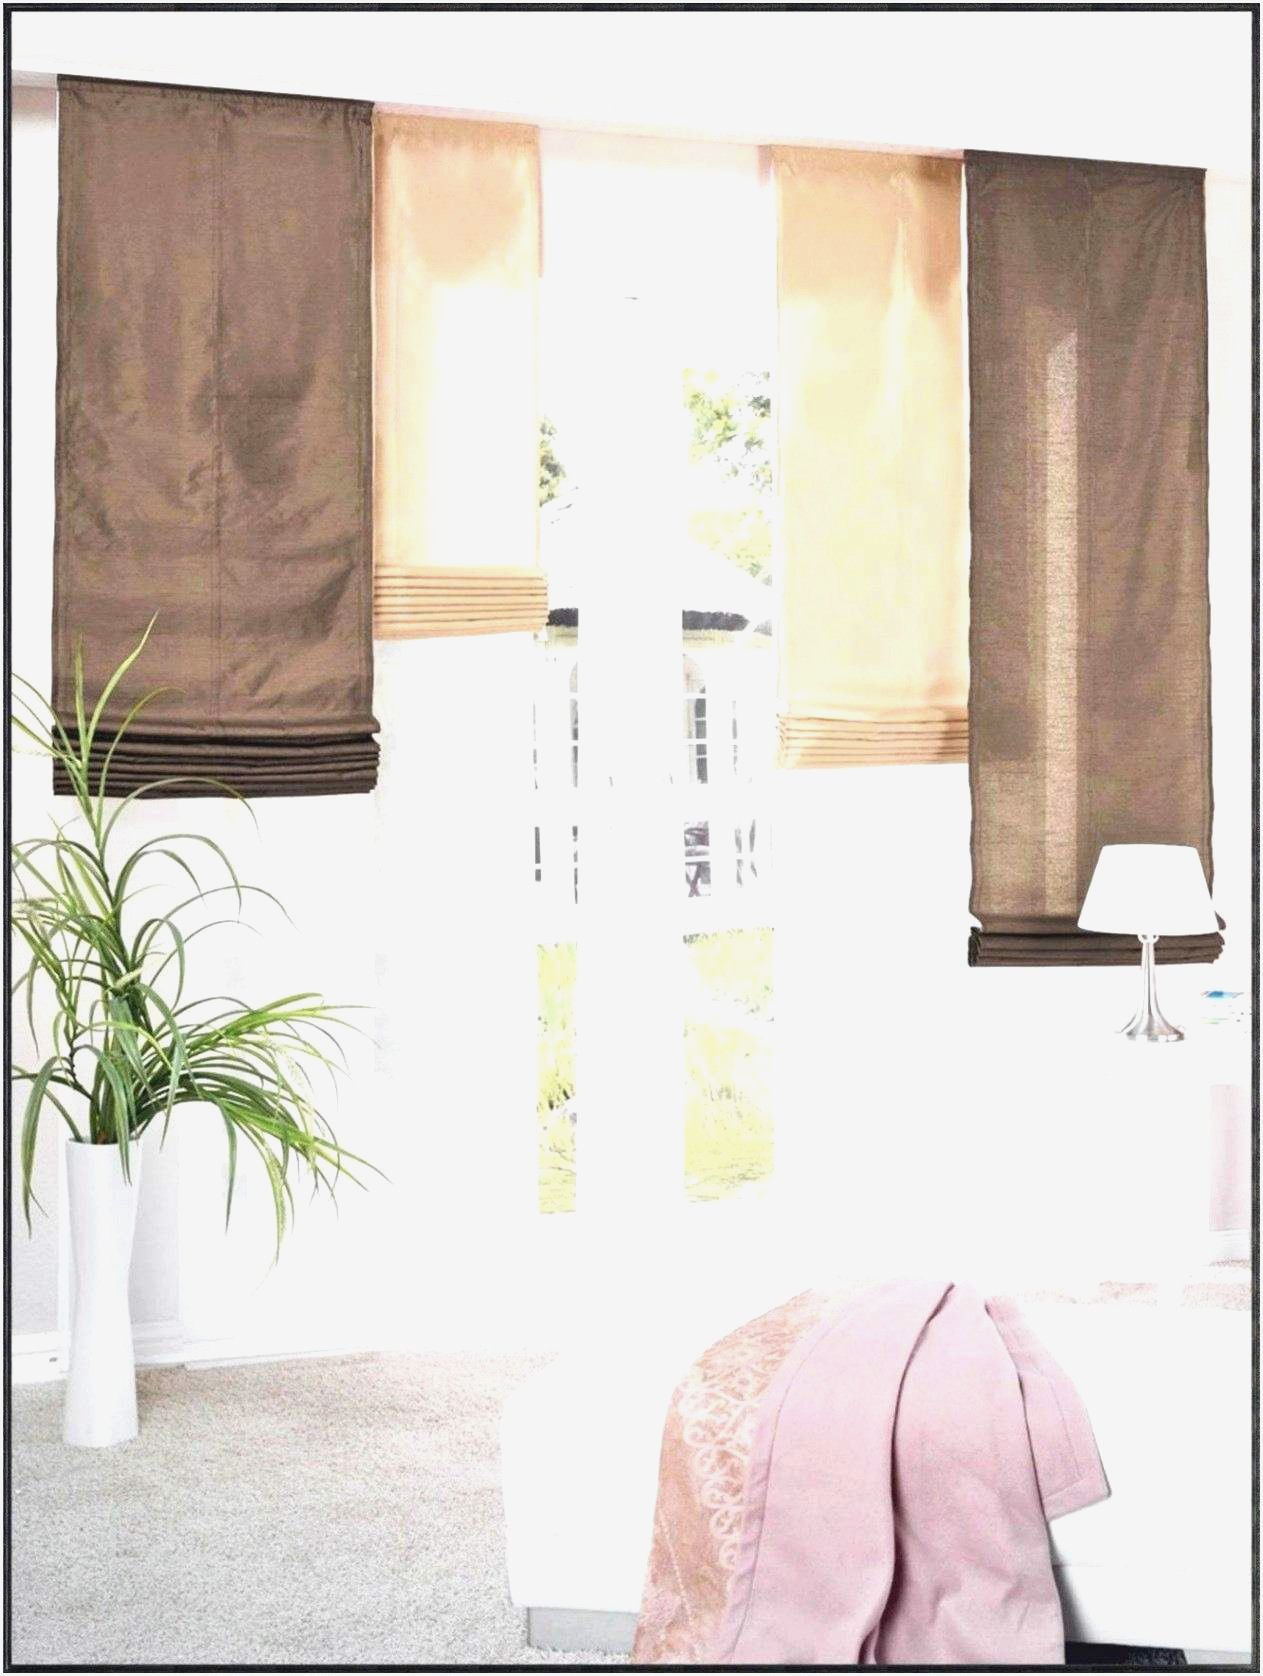 Full Size of Gardinen Wohnzimmer Ikea Hängeschrank Weiß Hochglanz Deckenleuchte Deckenlampen Küche Für Die Wandbild Kaufen Lampe Gardine Deckenleuchten Deko Wandtattoo Wohnzimmer Gardinen Wohnzimmer Ikea